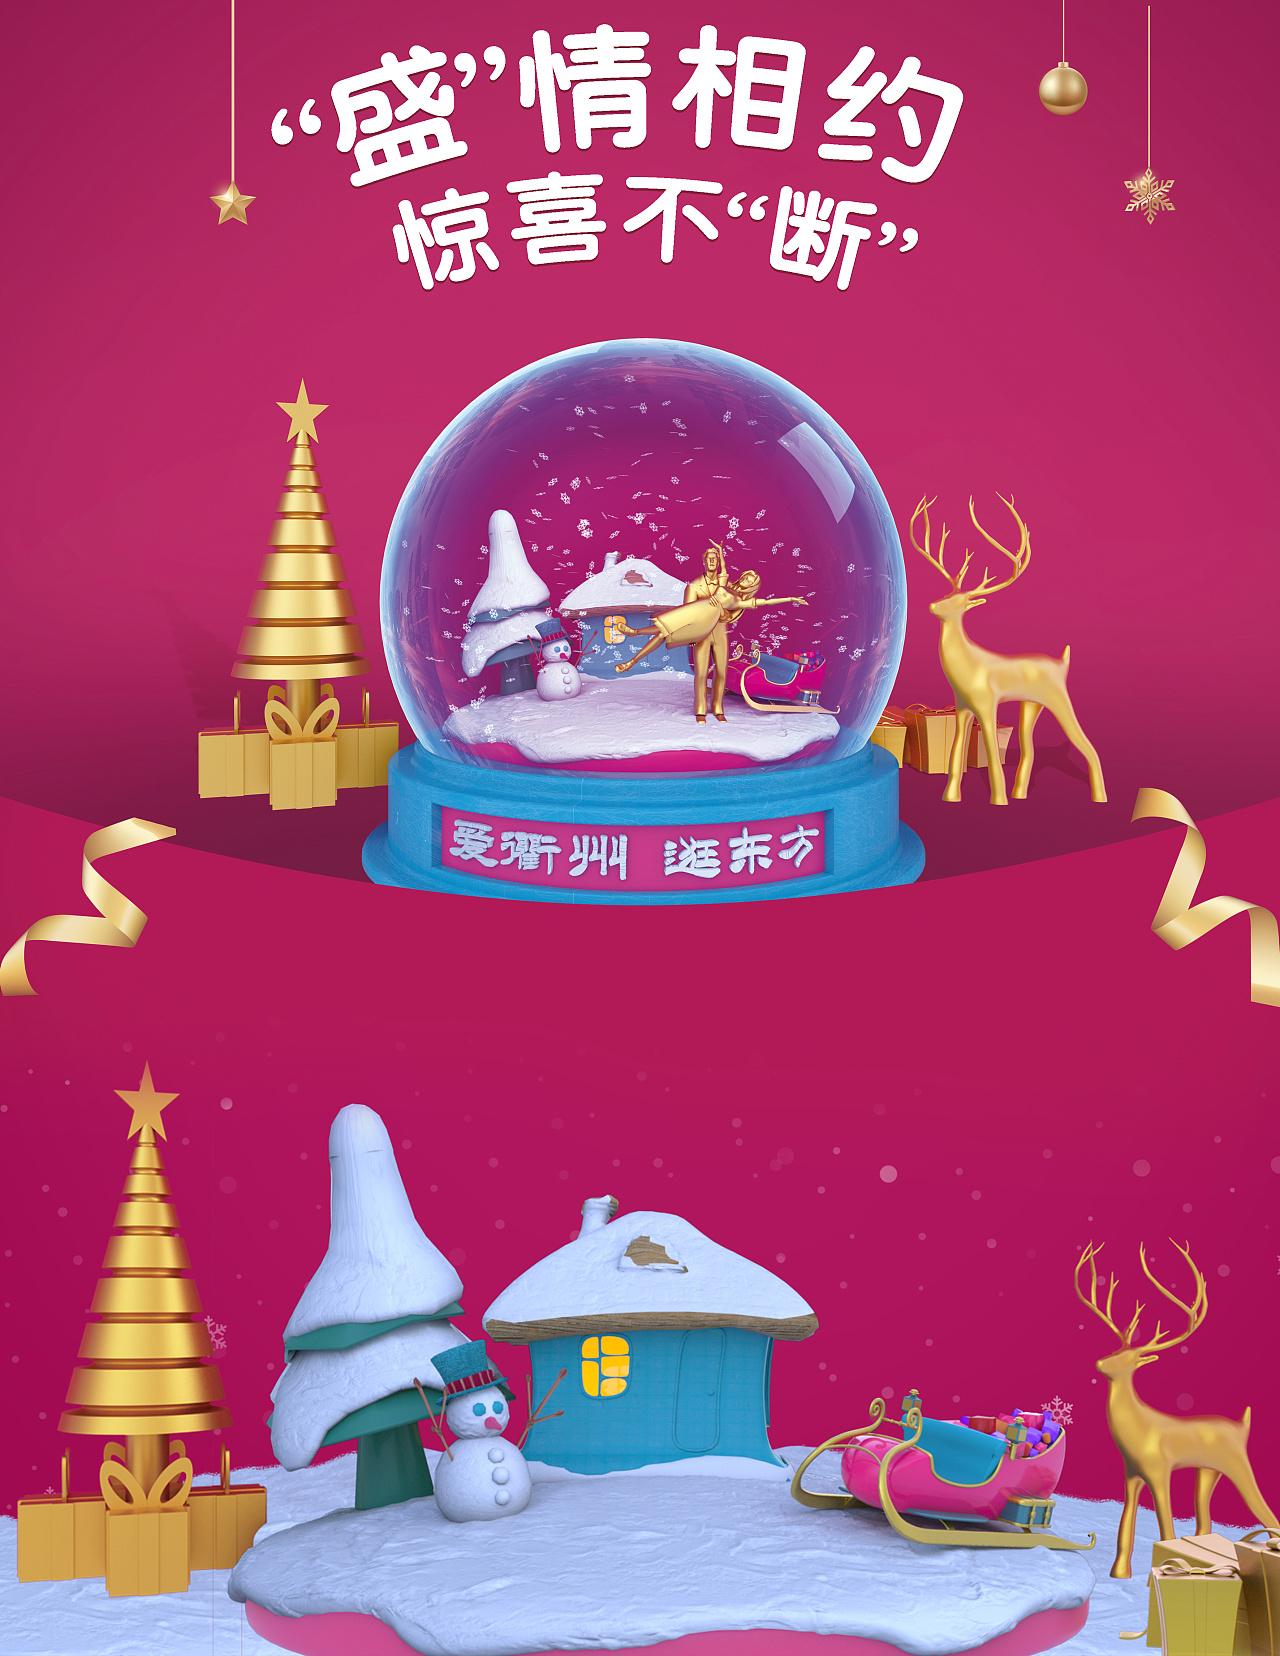 圣诞节海报画面